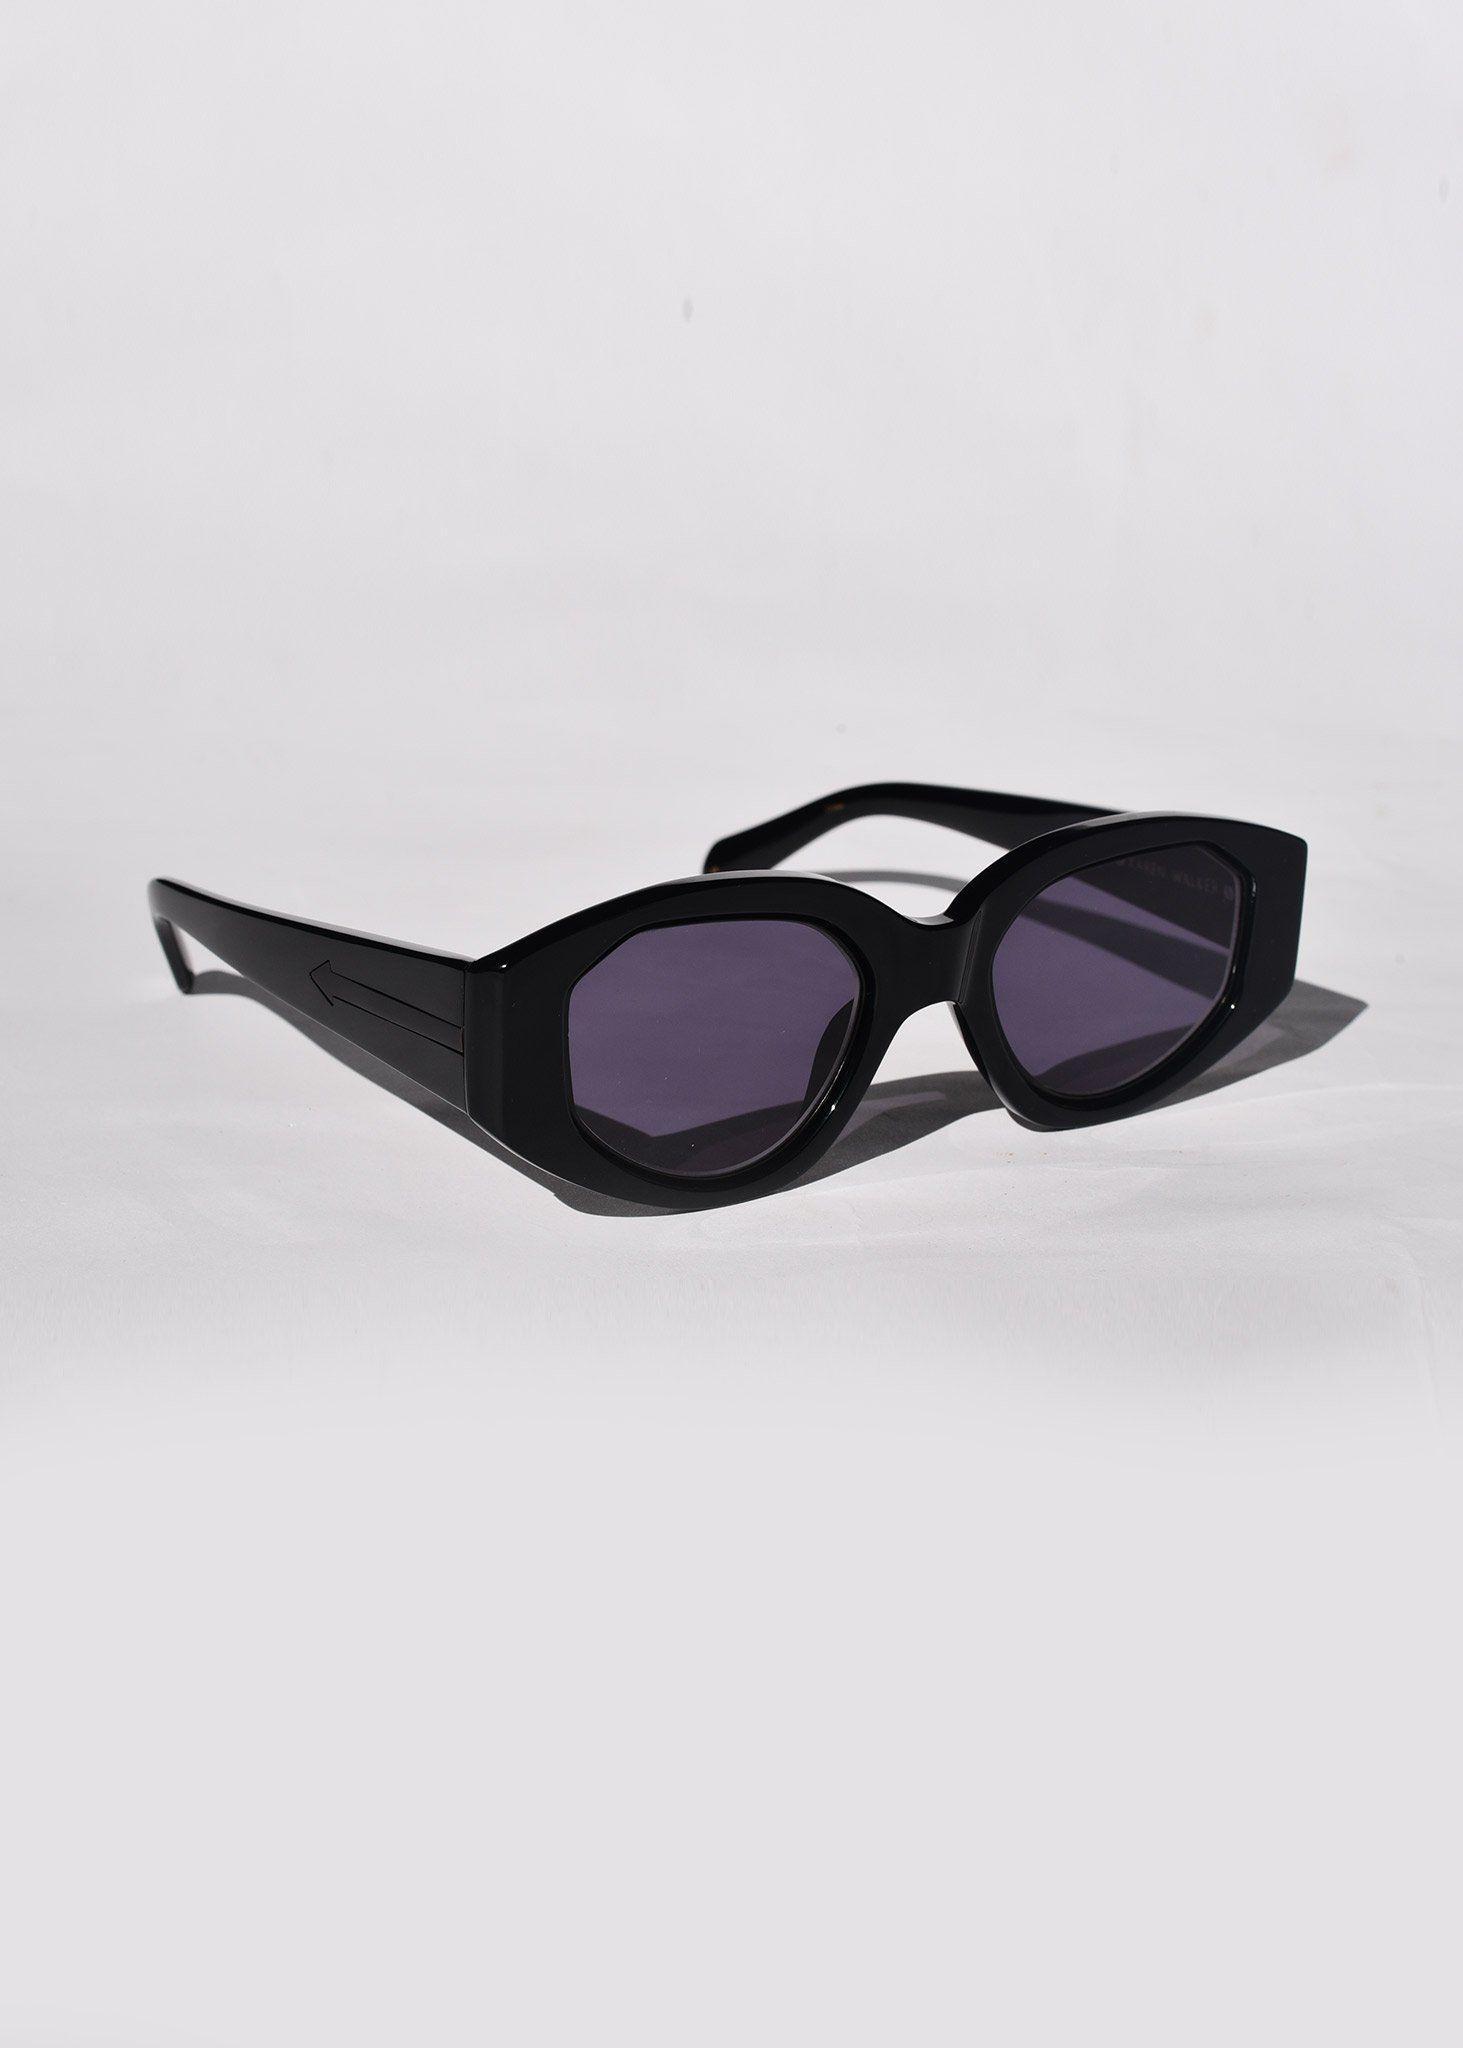 4db0b1b578d Castaway Sunglasses in black by Karen Walker at Dead Pretty ...